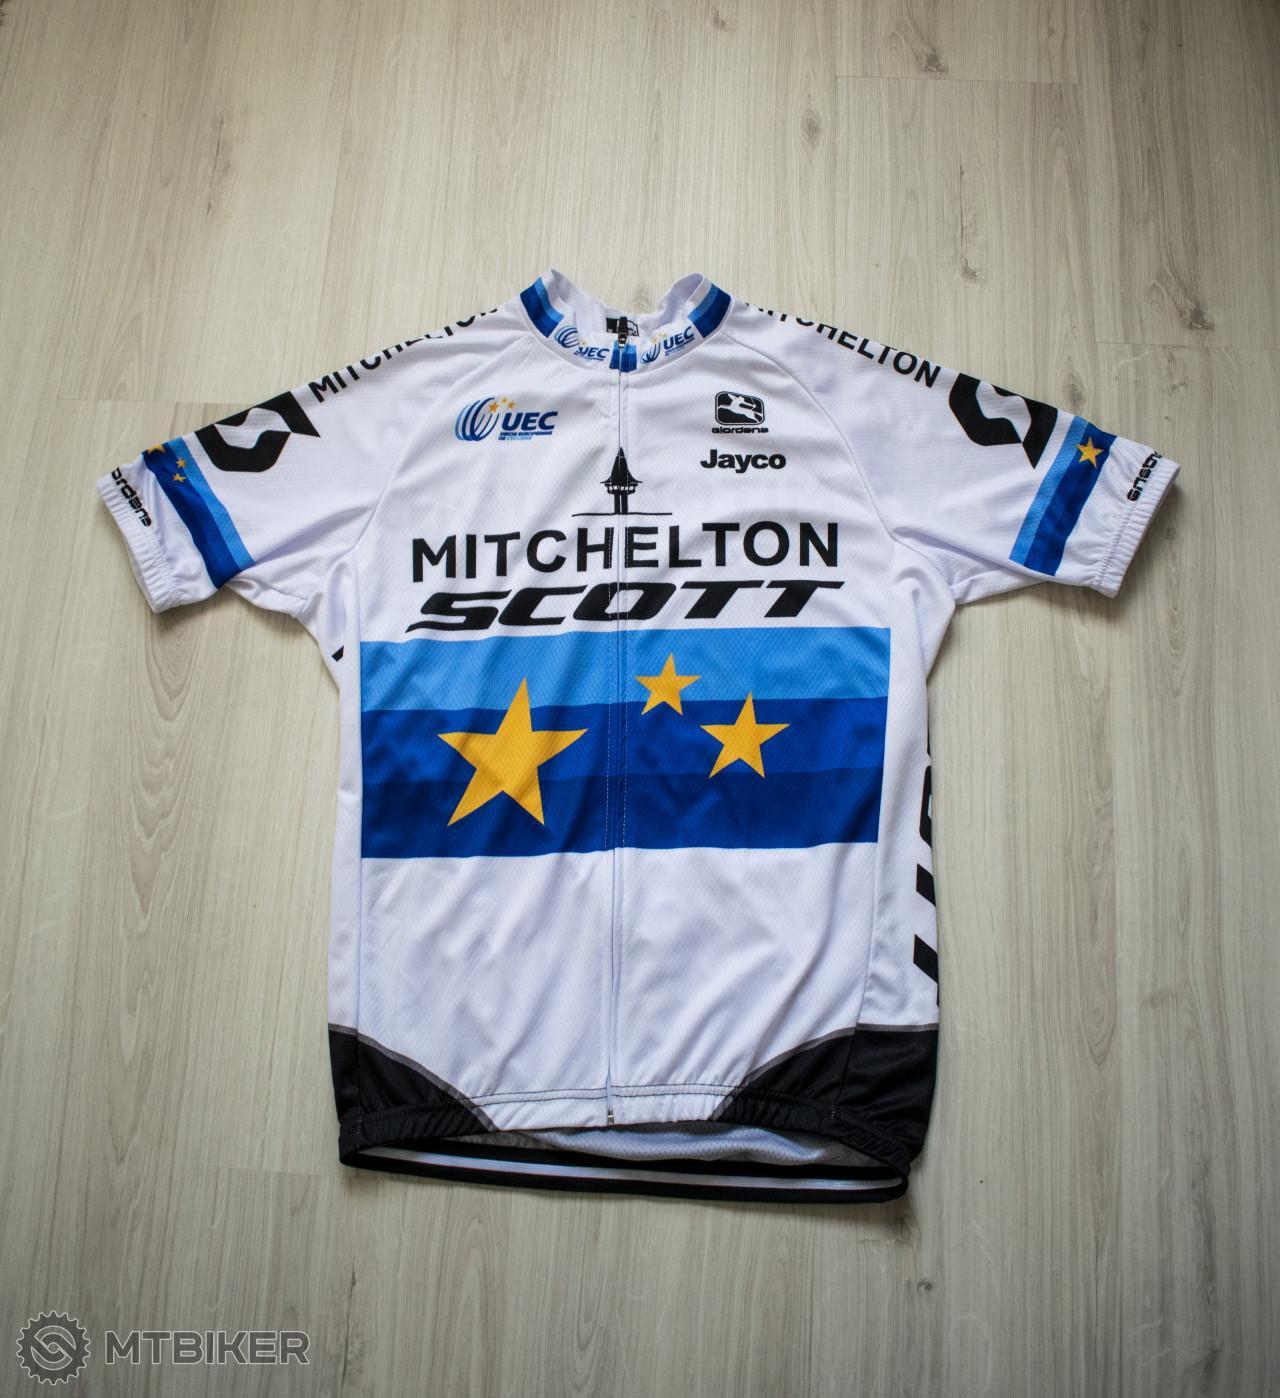 334827dda Predám čisto Nový Európsky Dres Mitchelton-scott M/l - Príslušenstvo -  Oblečenie a batohy - Bazár MTBIKER